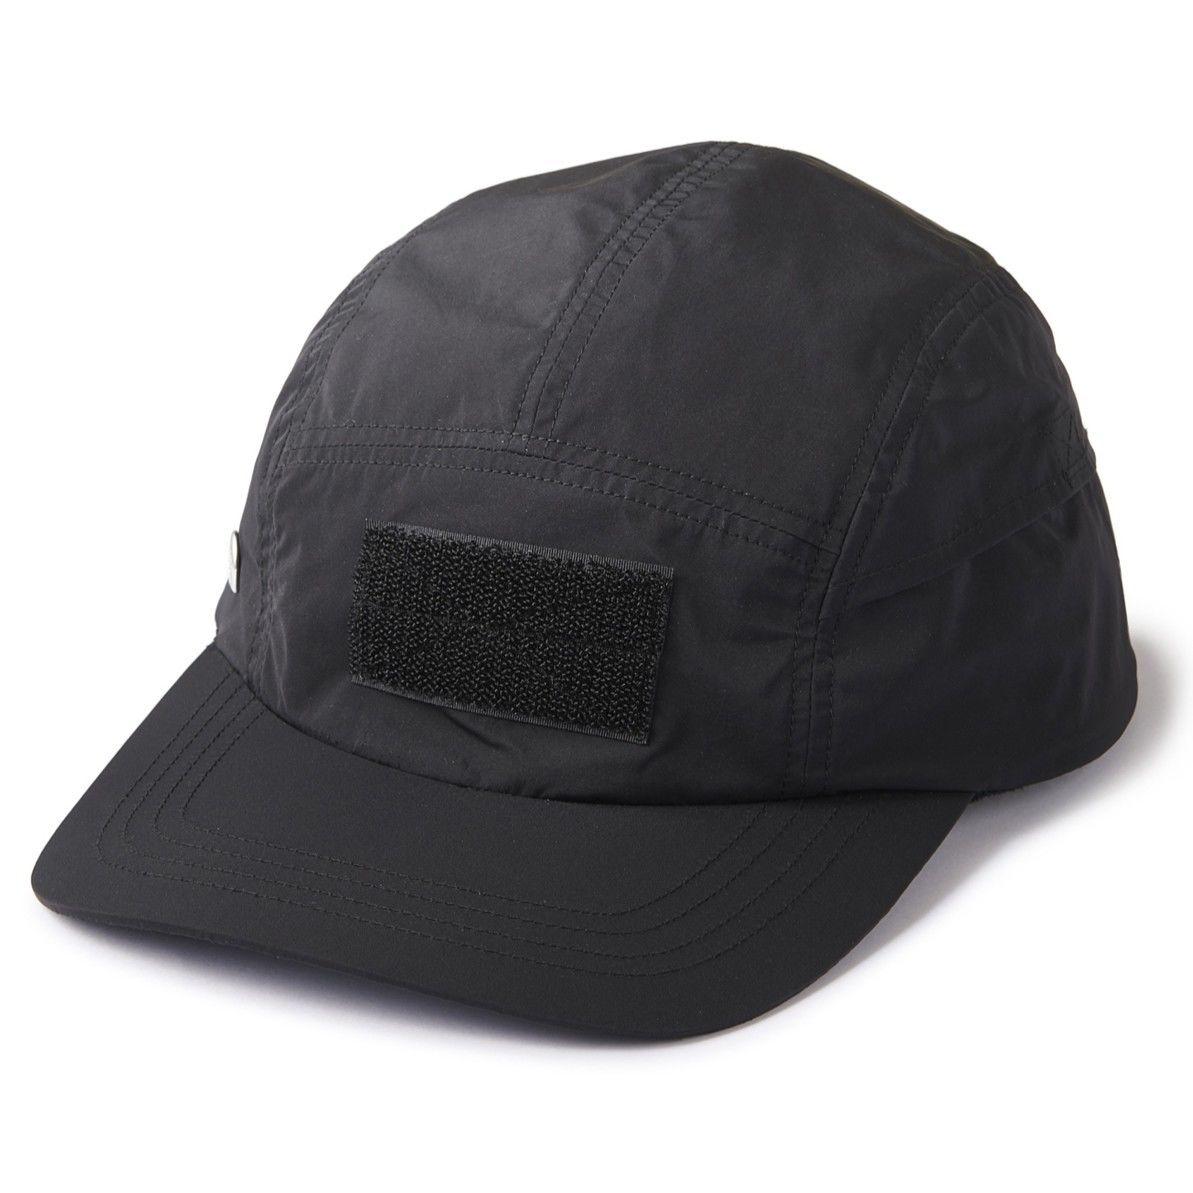 INTERBREED SUPERLATIVE CAMP CAP  e907b8c6783c